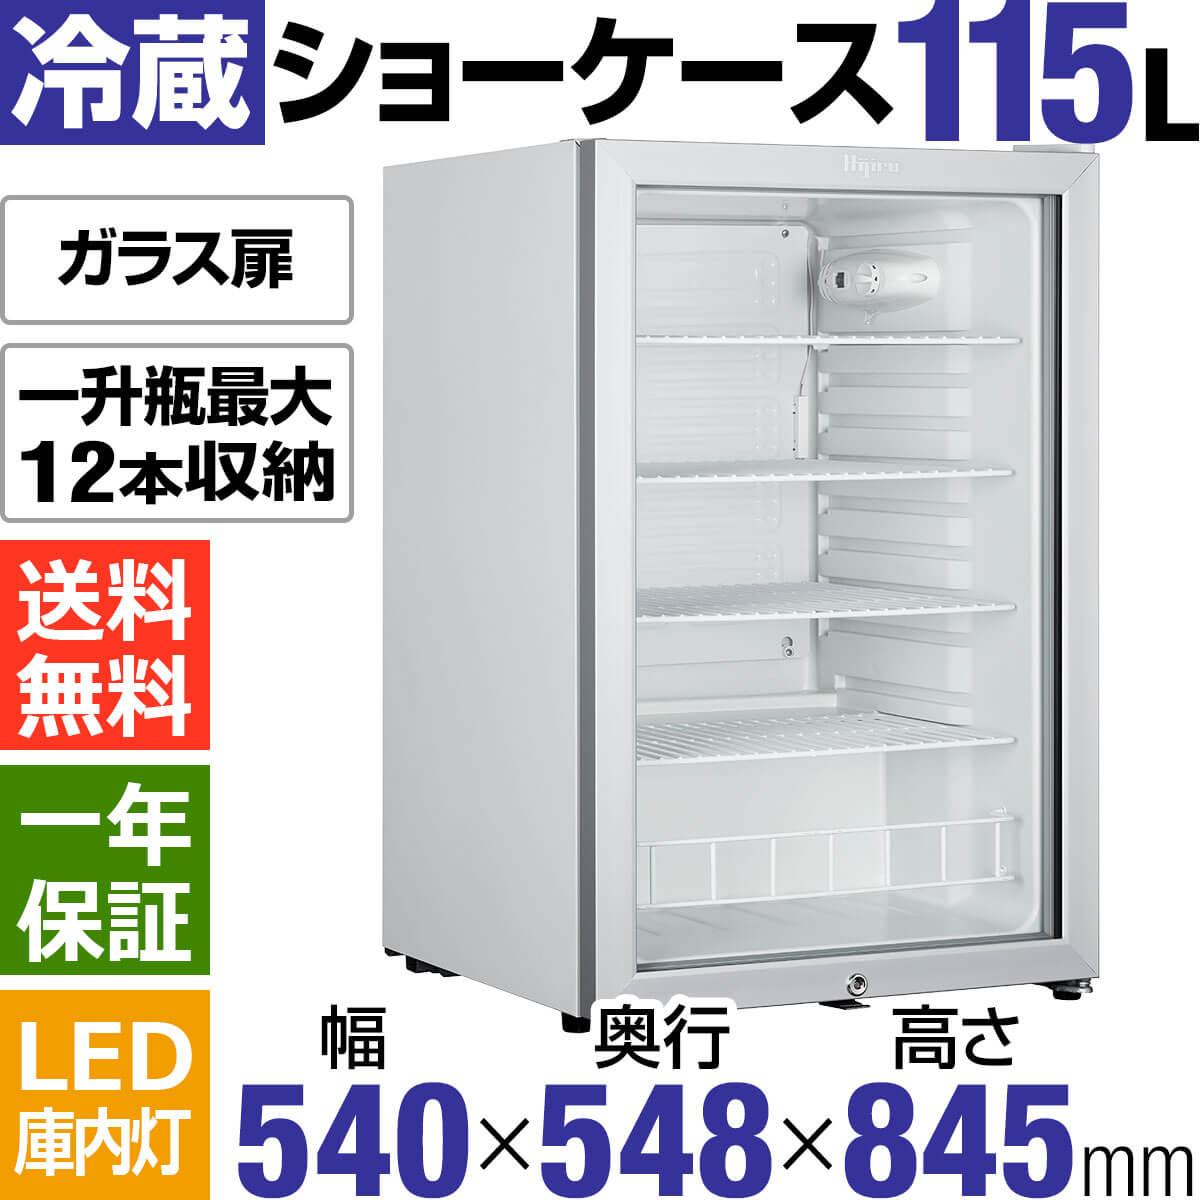 【営業日1~3日以内出荷】冷蔵ショーケース115L ガラス扉【HJR-G115】 LED庫内灯付き 送料無料 小型冷蔵ショーケース